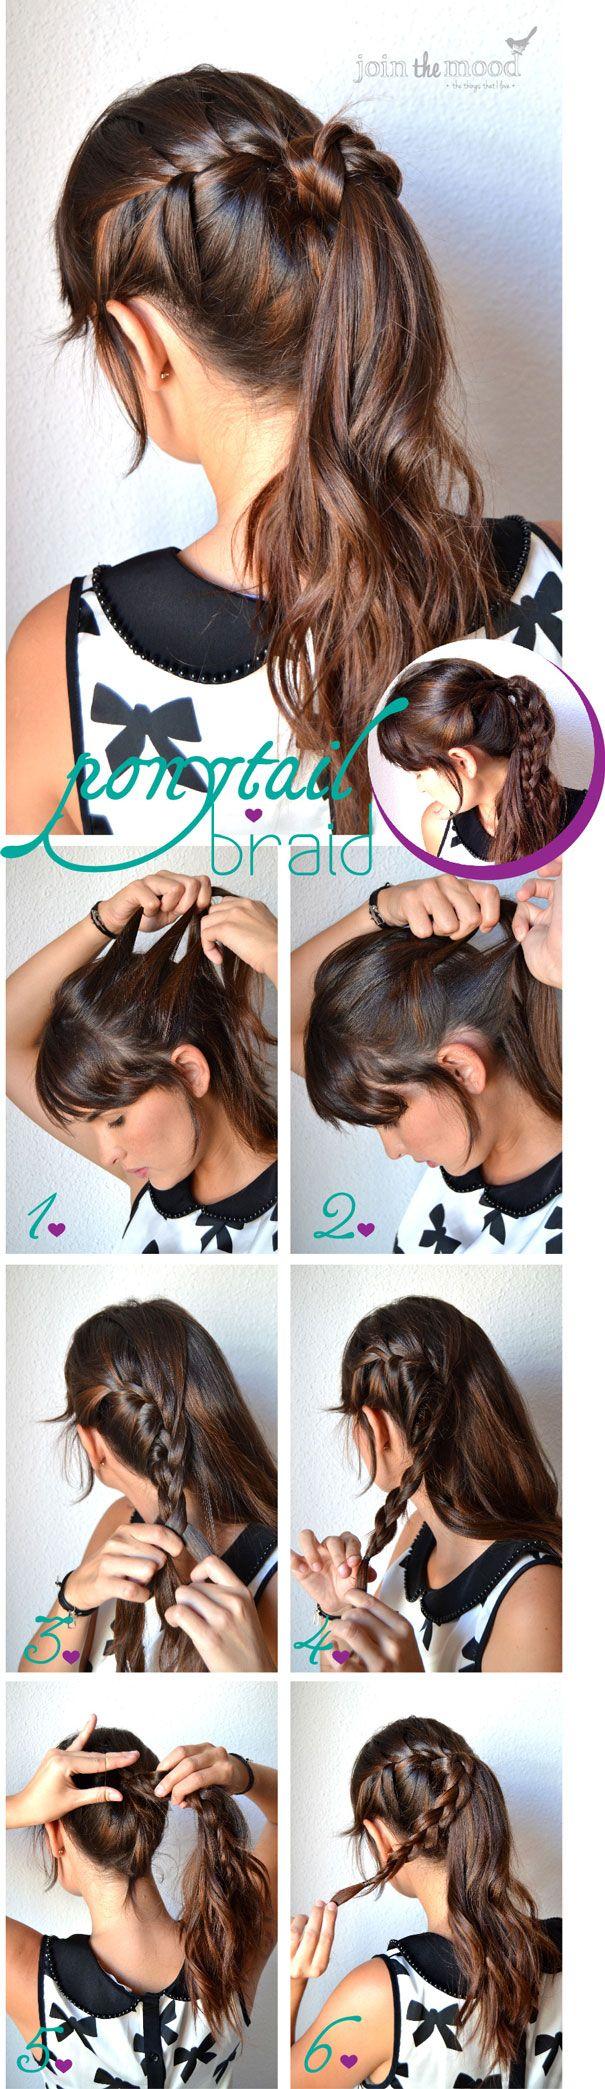 PONYTAIL BRAID~ #braid #ponytail #hair